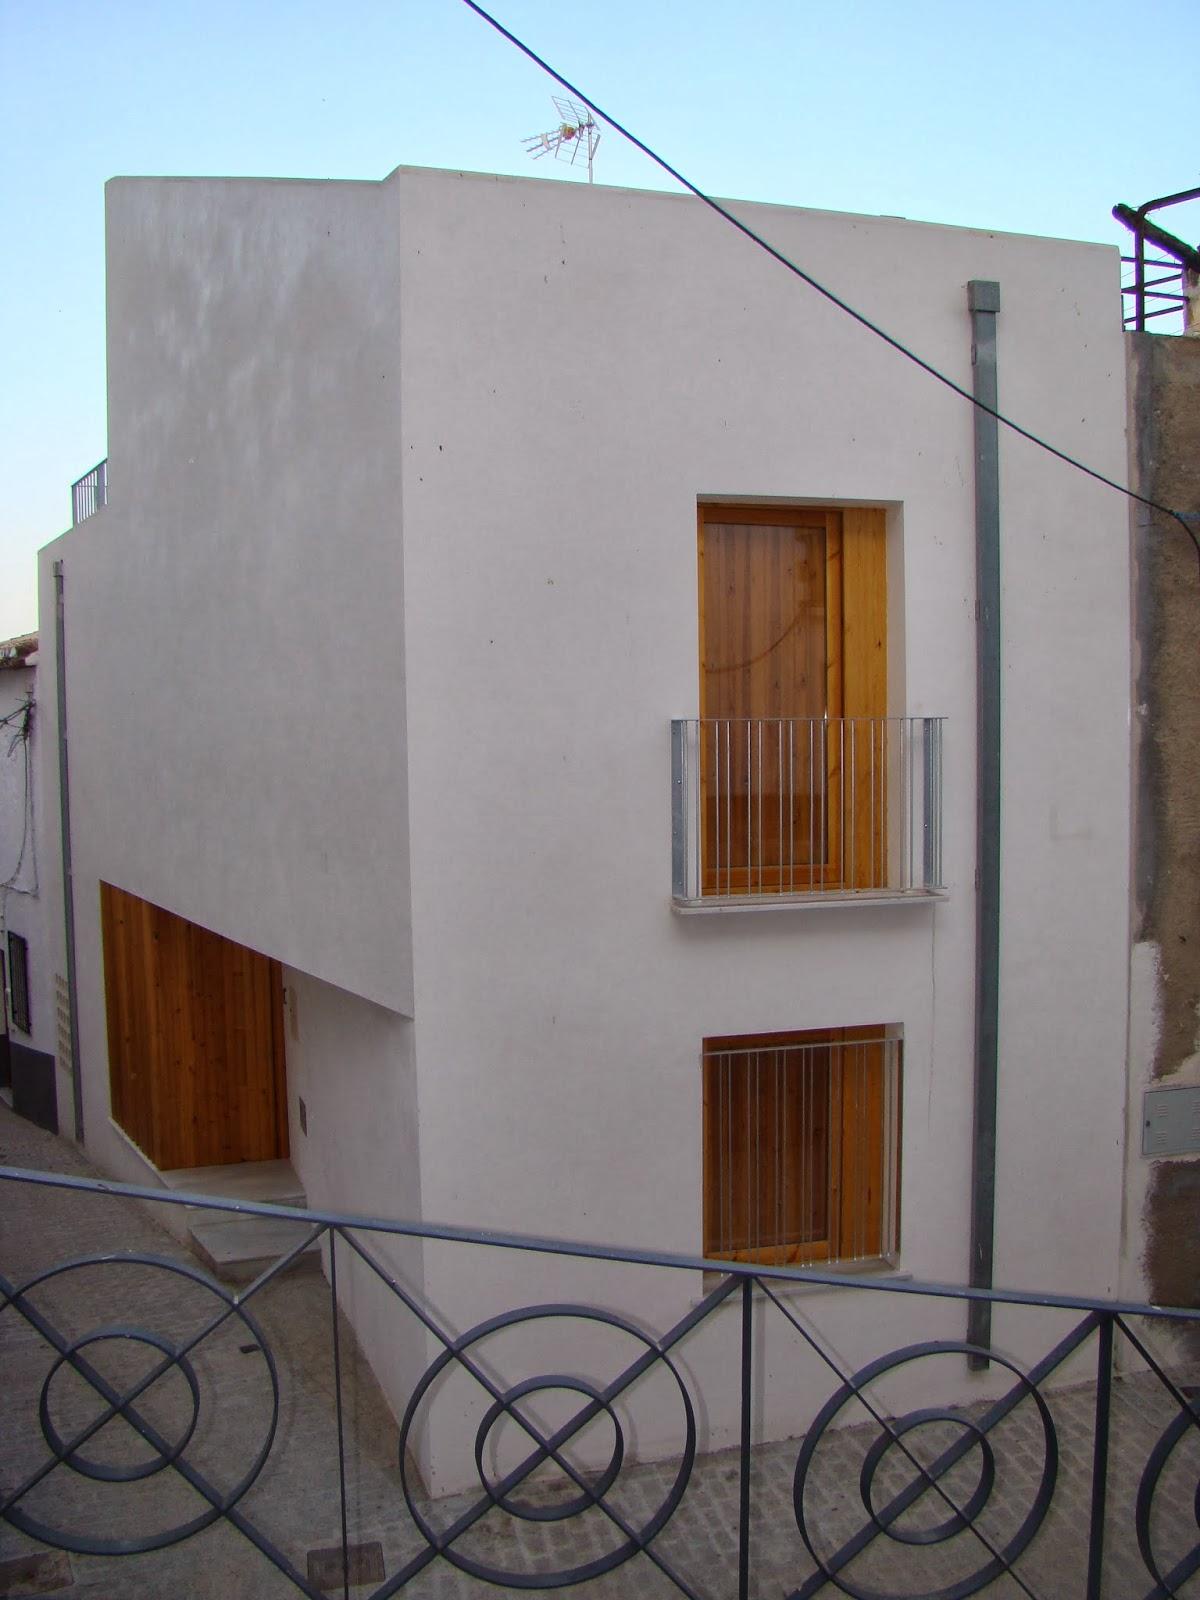 Mn arquitectos almeria vivienda mini en ser n - Vivienda en almeria ...